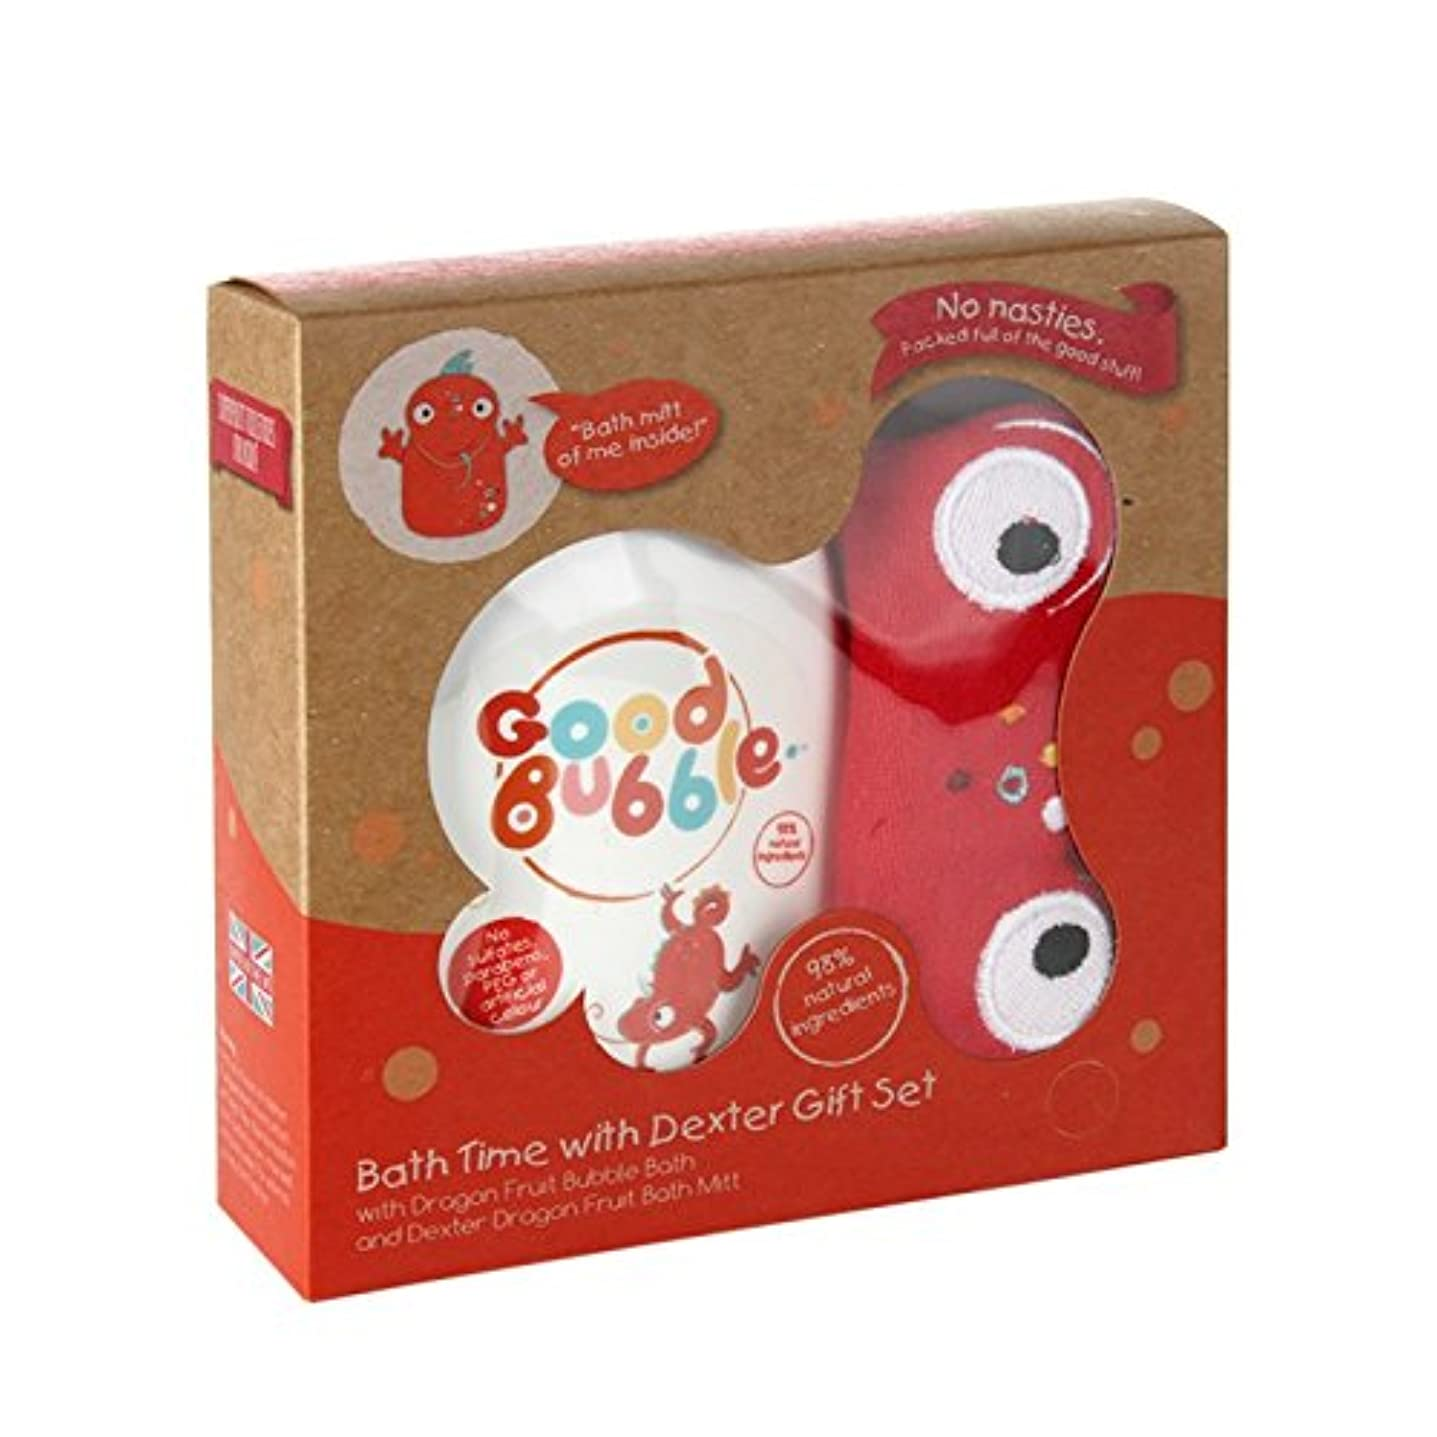 放棄するビーム苦味Good Bubble Dexter Dragonfruit Gift Set 550g (Pack of 2) - 良いバブルデクスターDragonfruitギフトセット550グラム (x2) [並行輸入品]